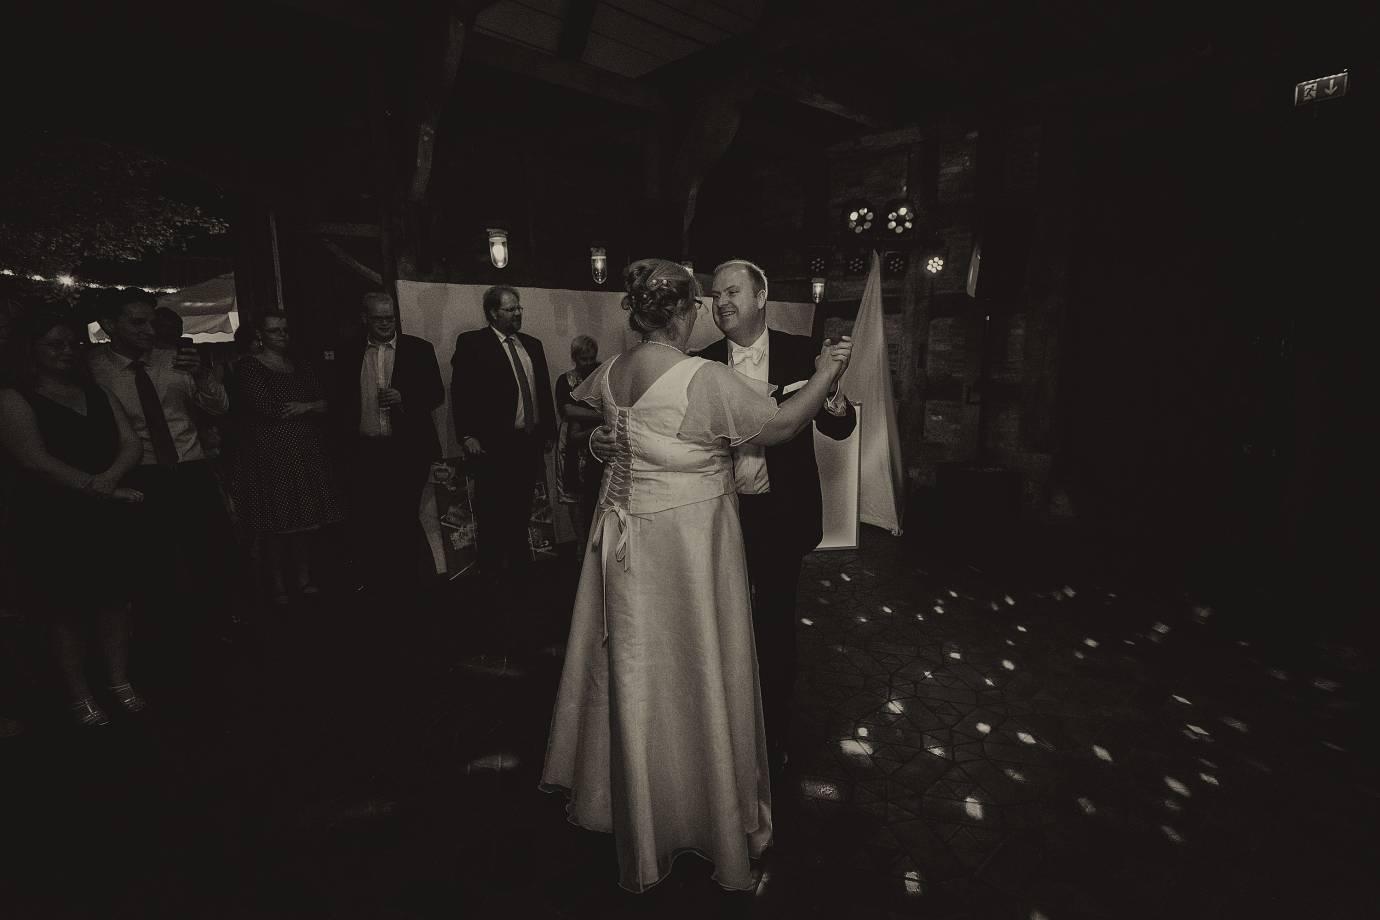 hochzeitsfotograf hannover 190 - Jutta+Patrick